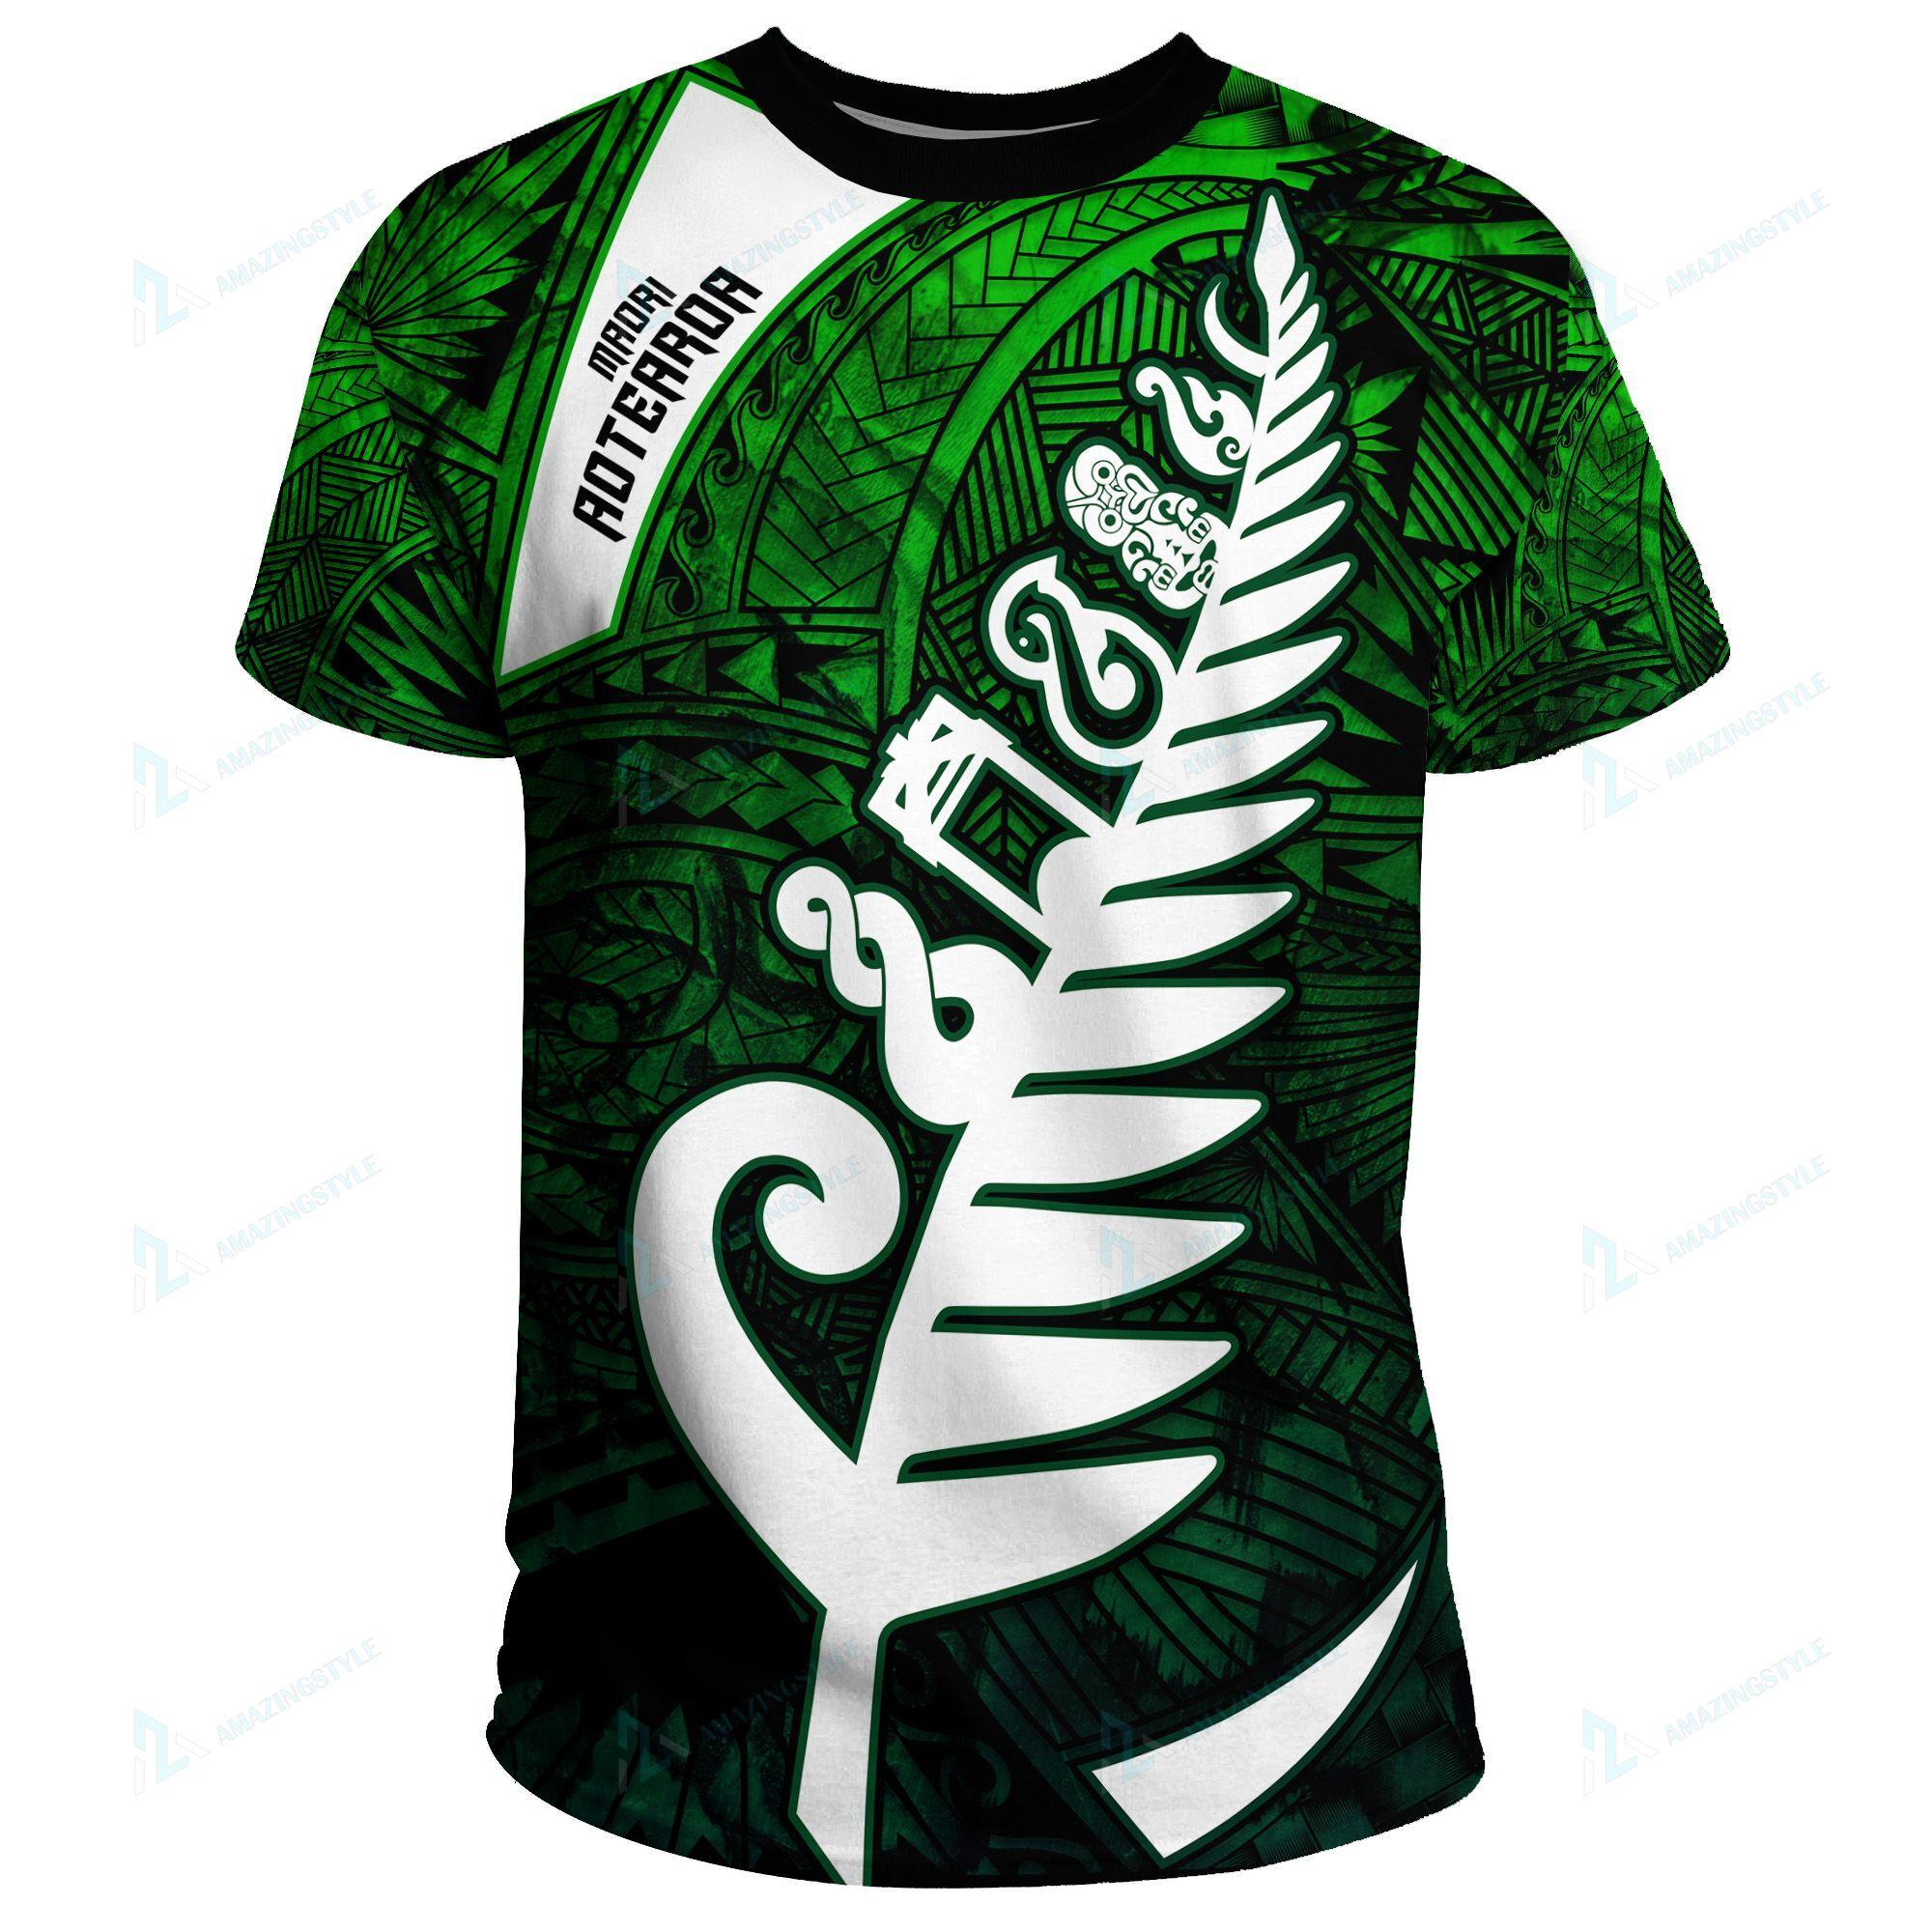 New Zealand Maori Symbols Shirts